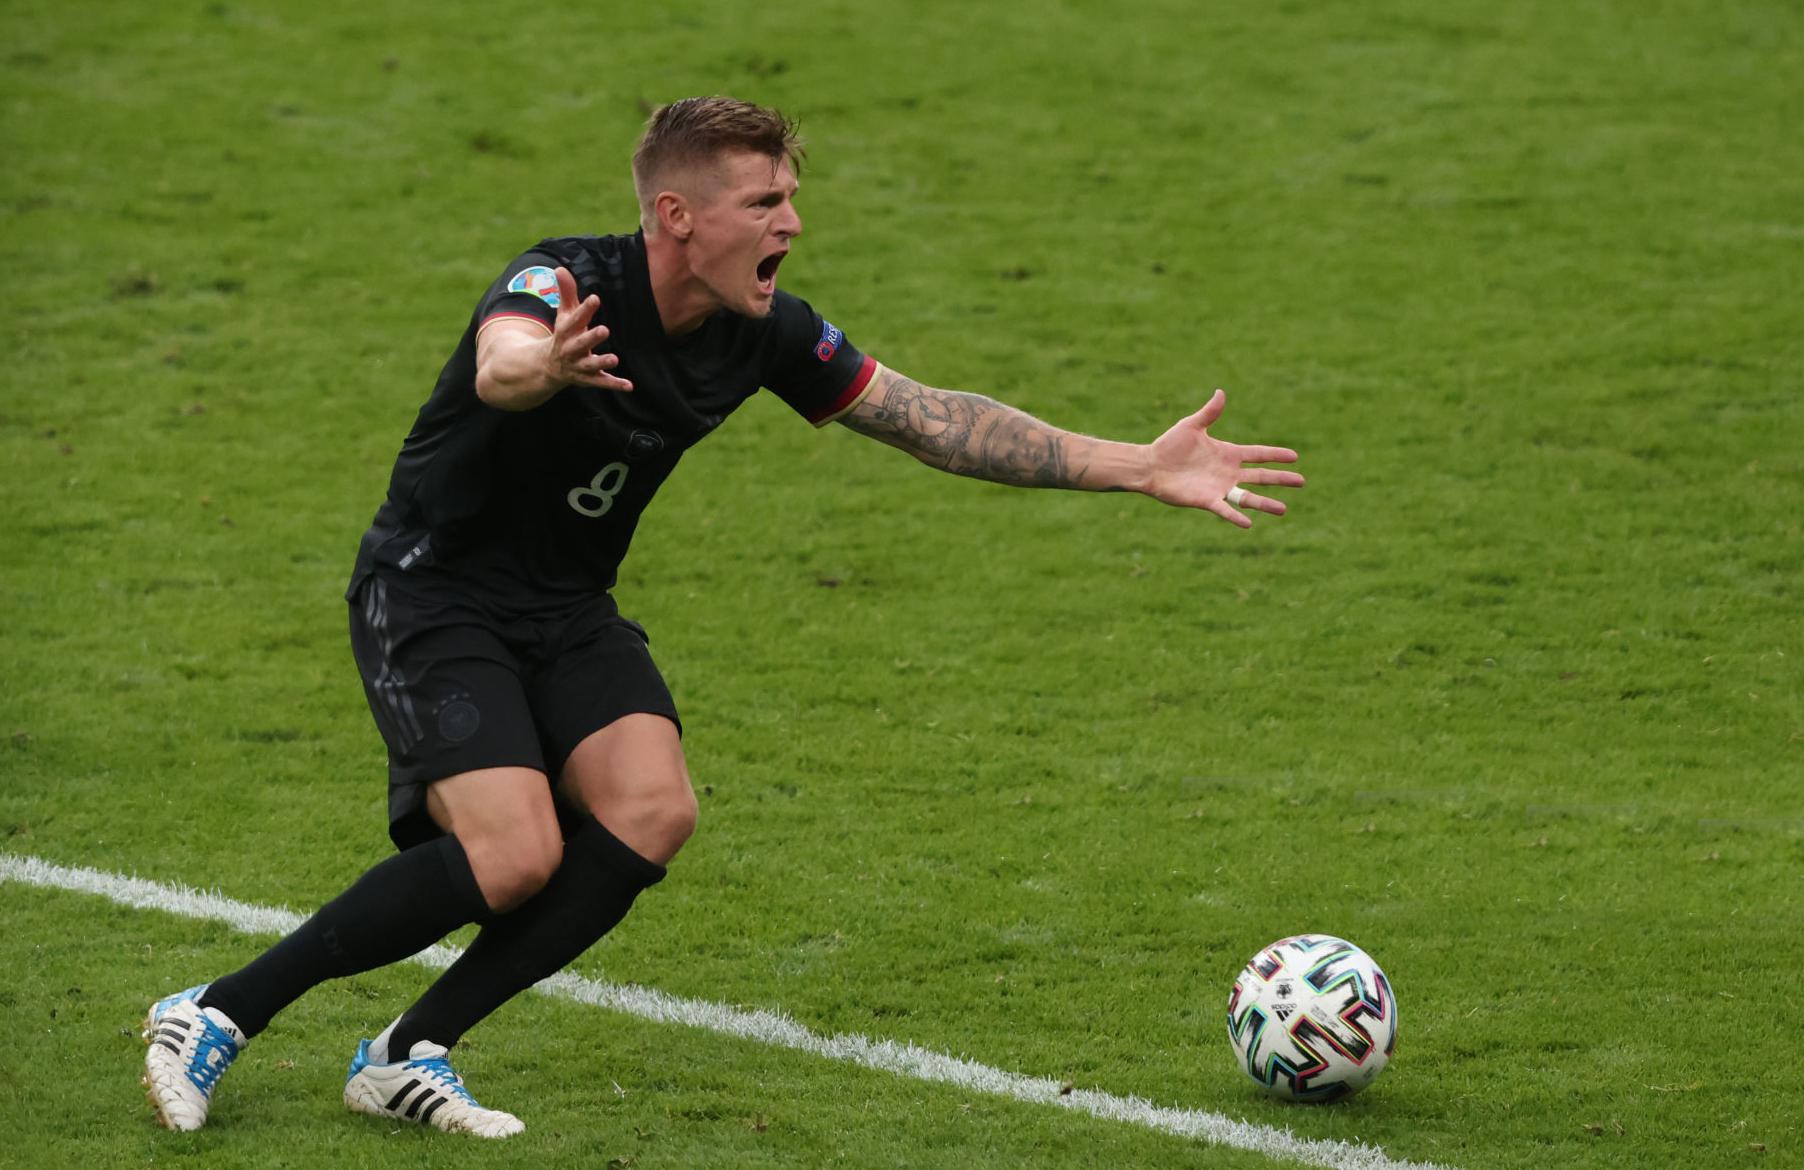 الألماني كروس يقرر الاعتزال دوليا للتركيز على مسيرته مع الريال